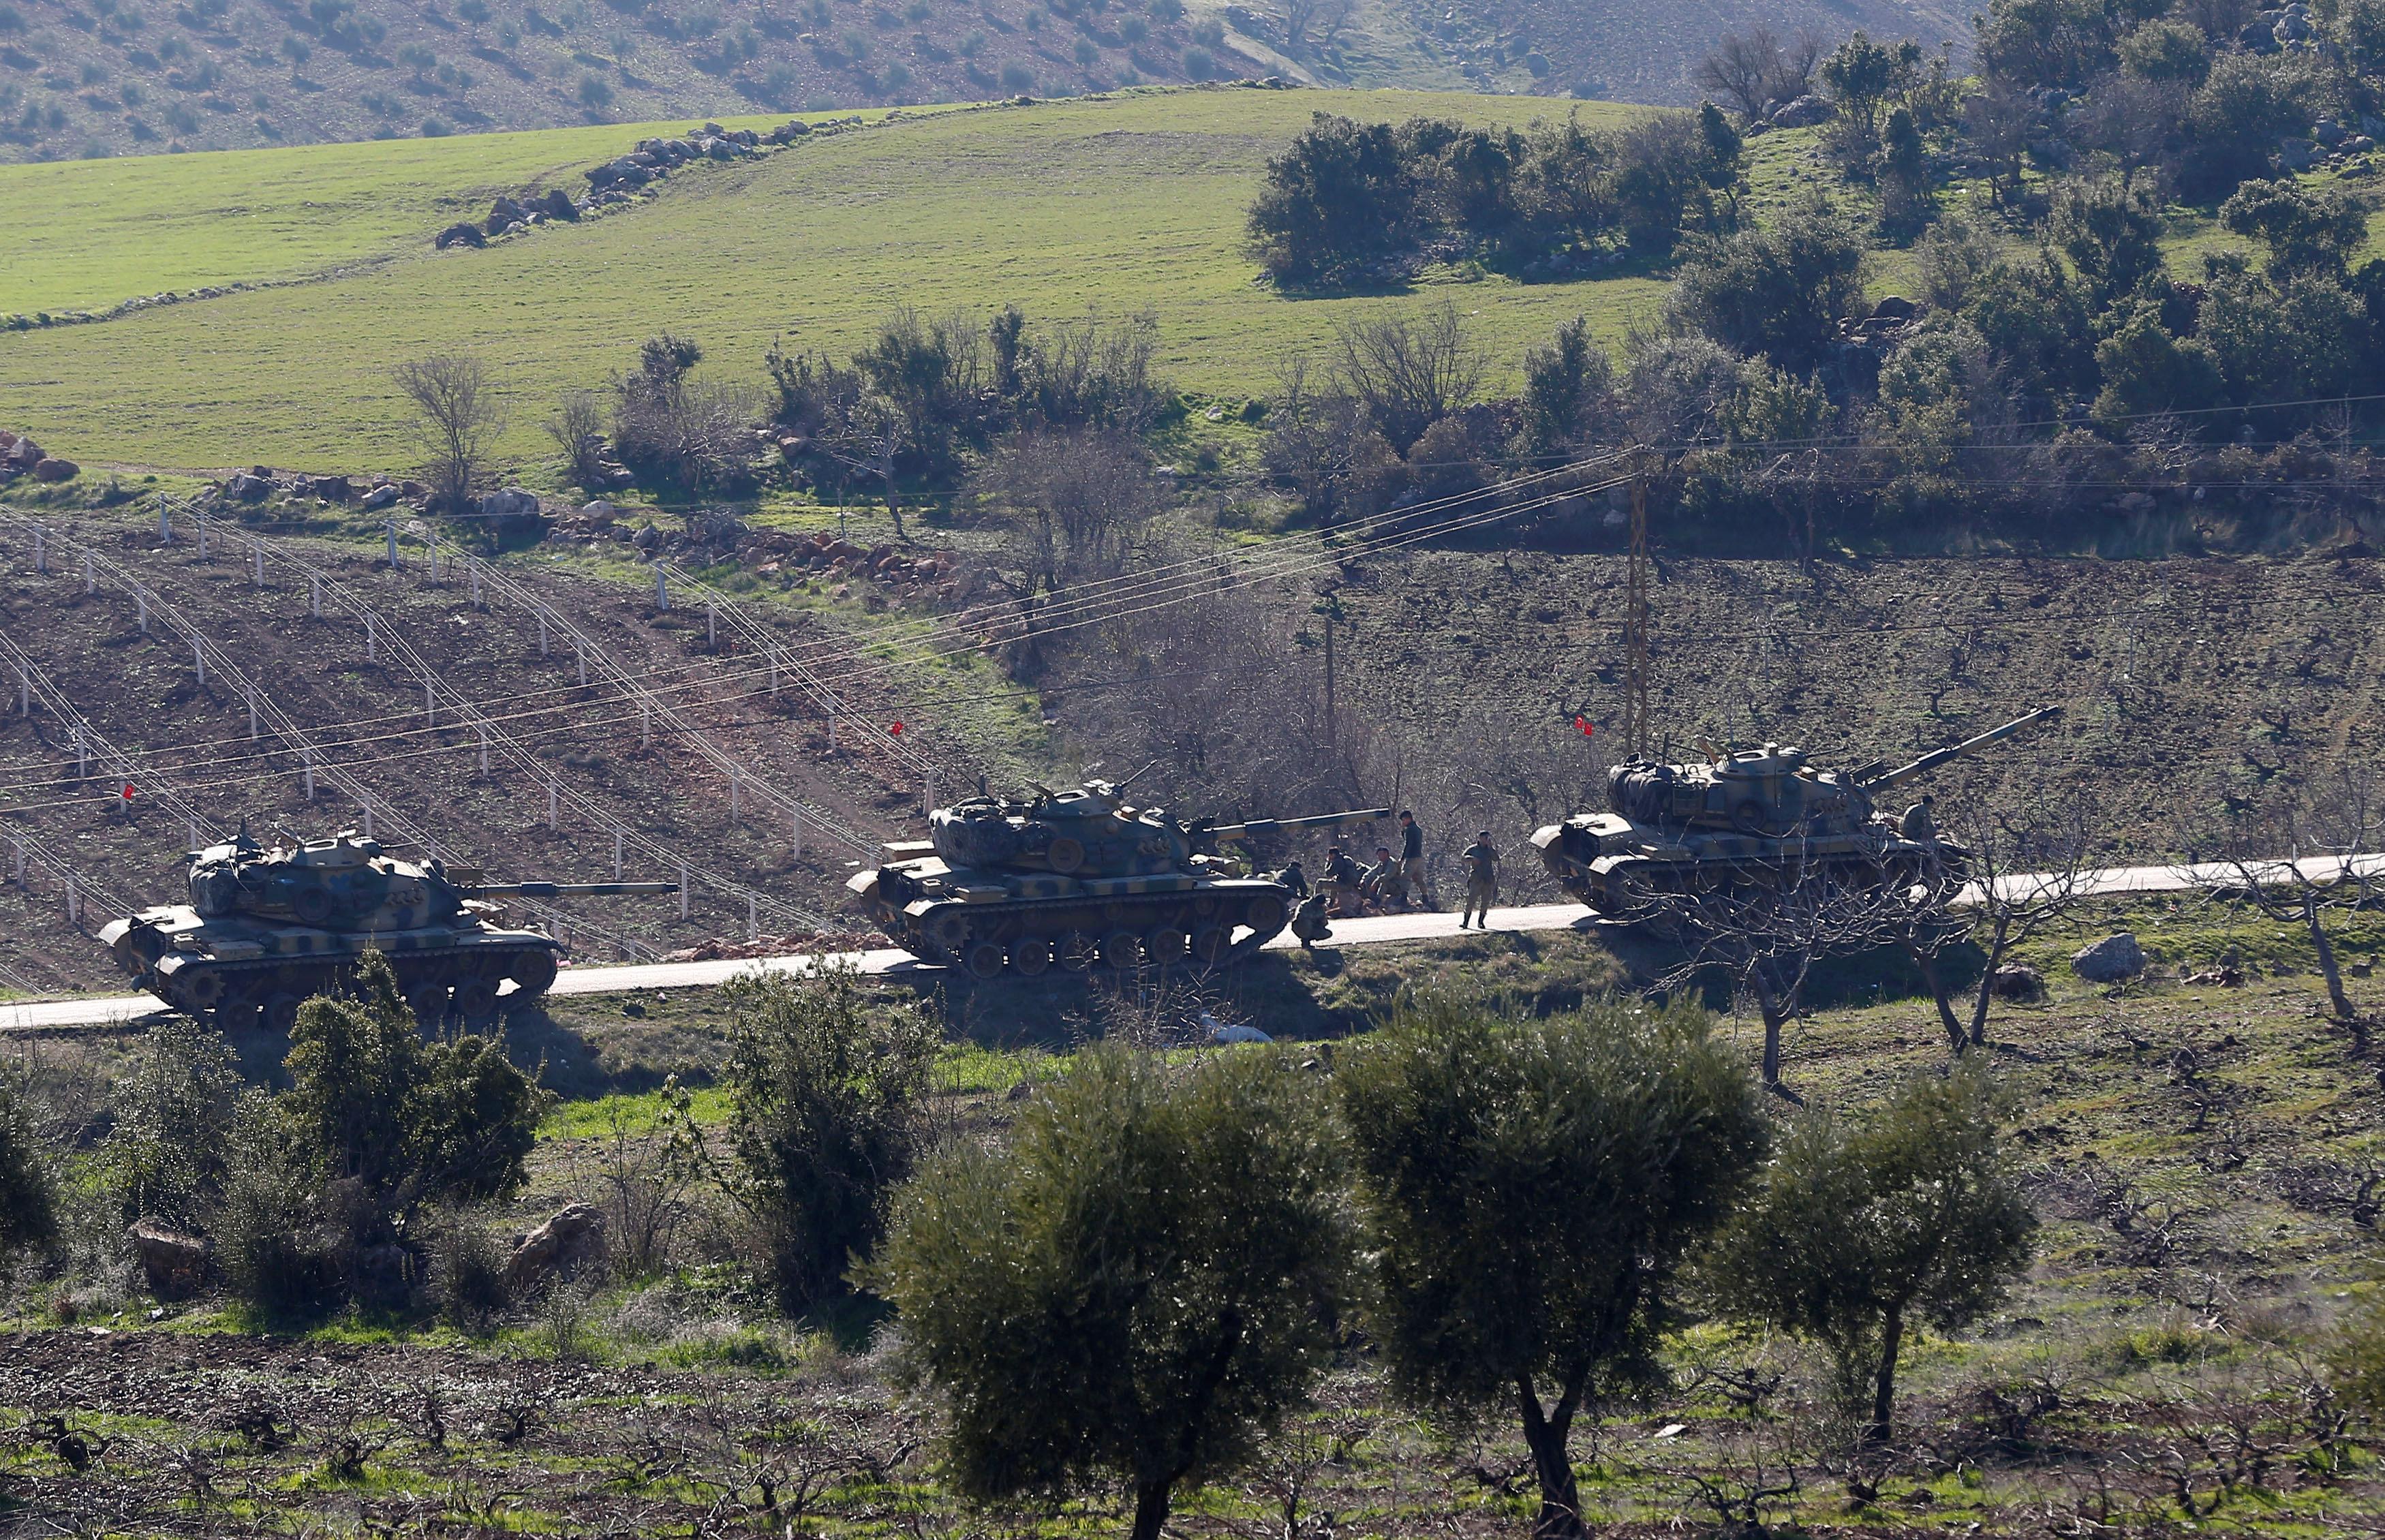 Una columna turca cerca del pueblo fronterizo de Kilis (Reuters)